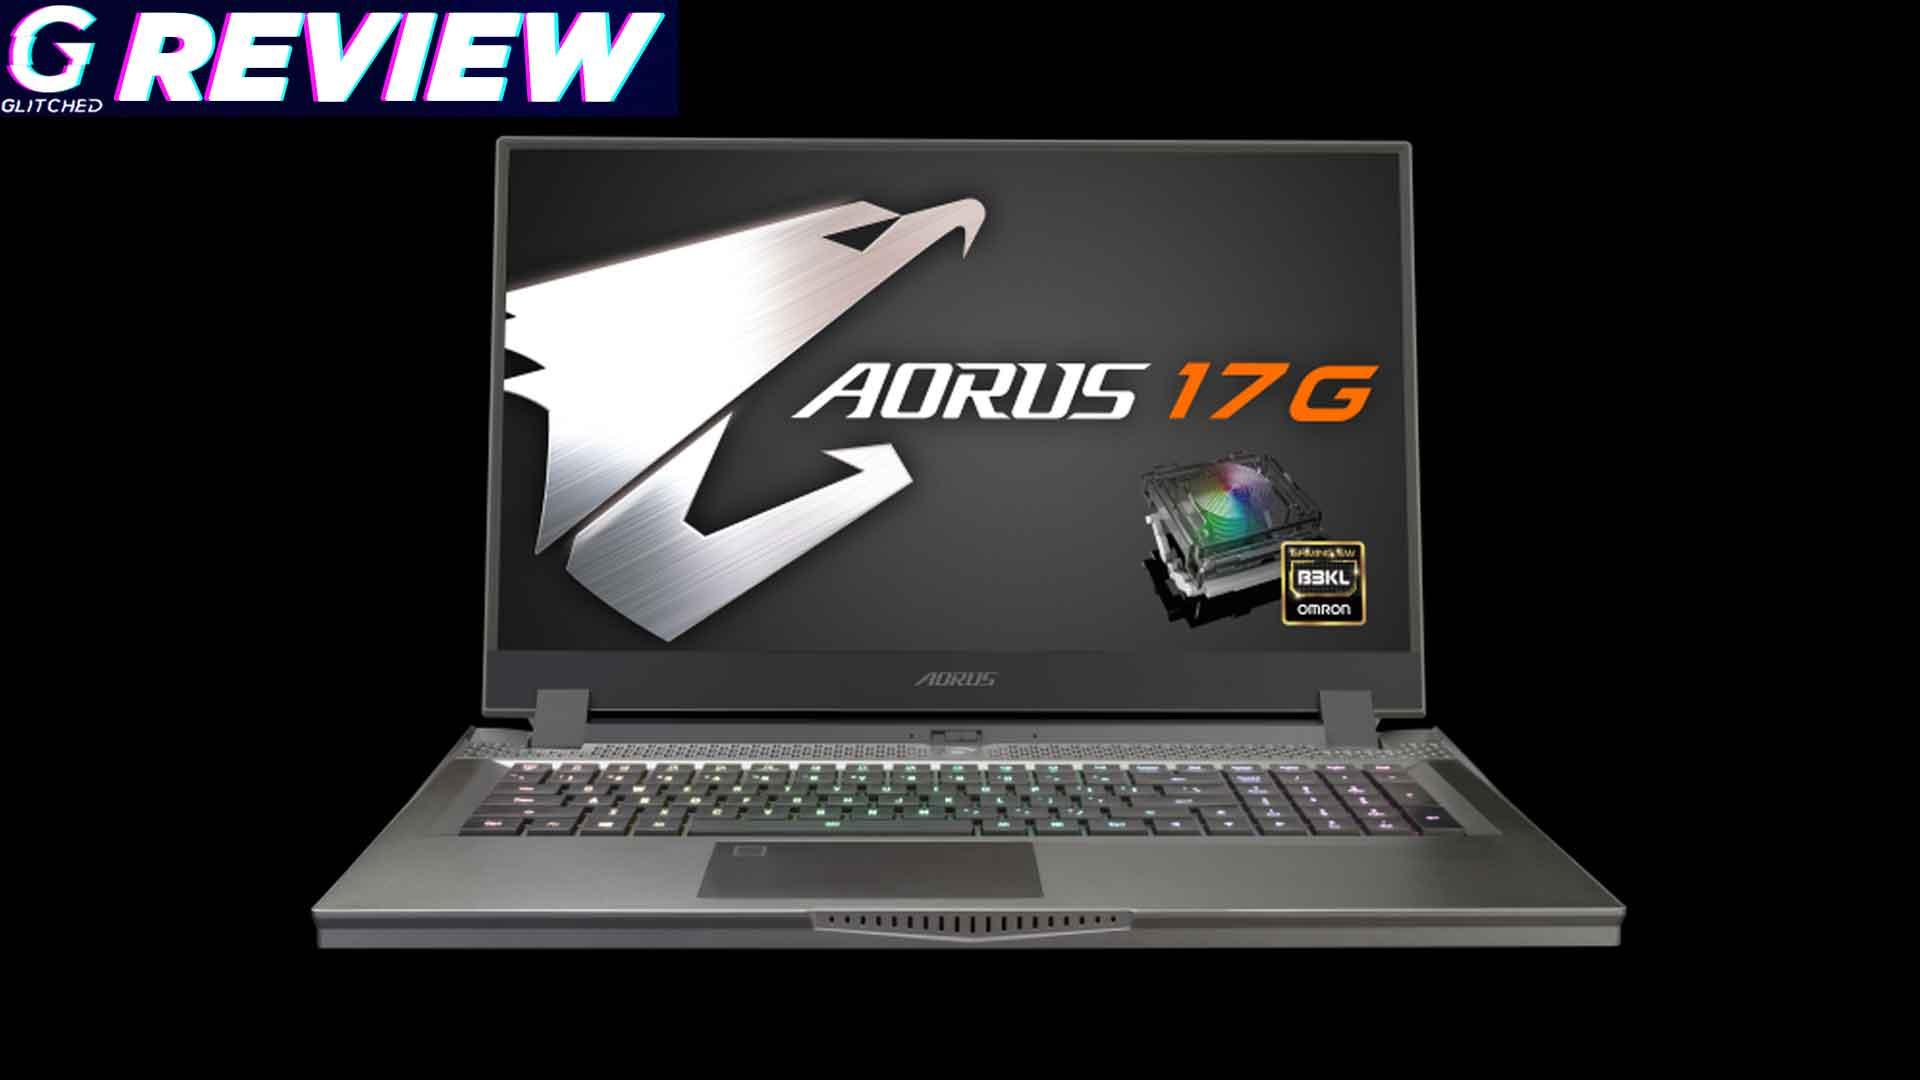 Gigabyte Aorus 17G review